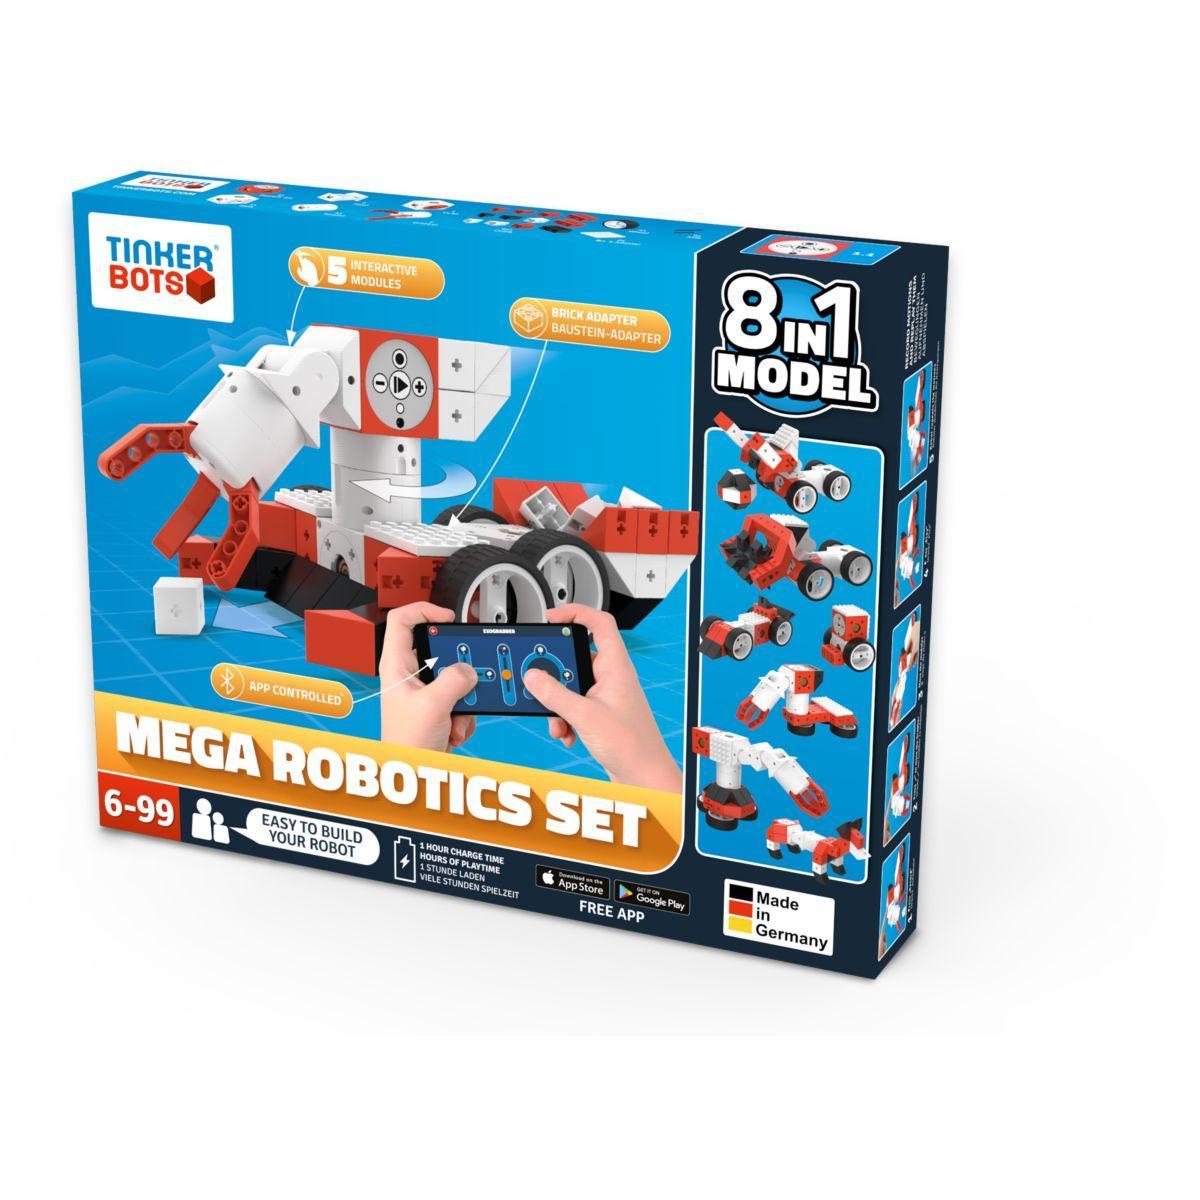 Robot programmable TINKERBOTS Robotics mega set